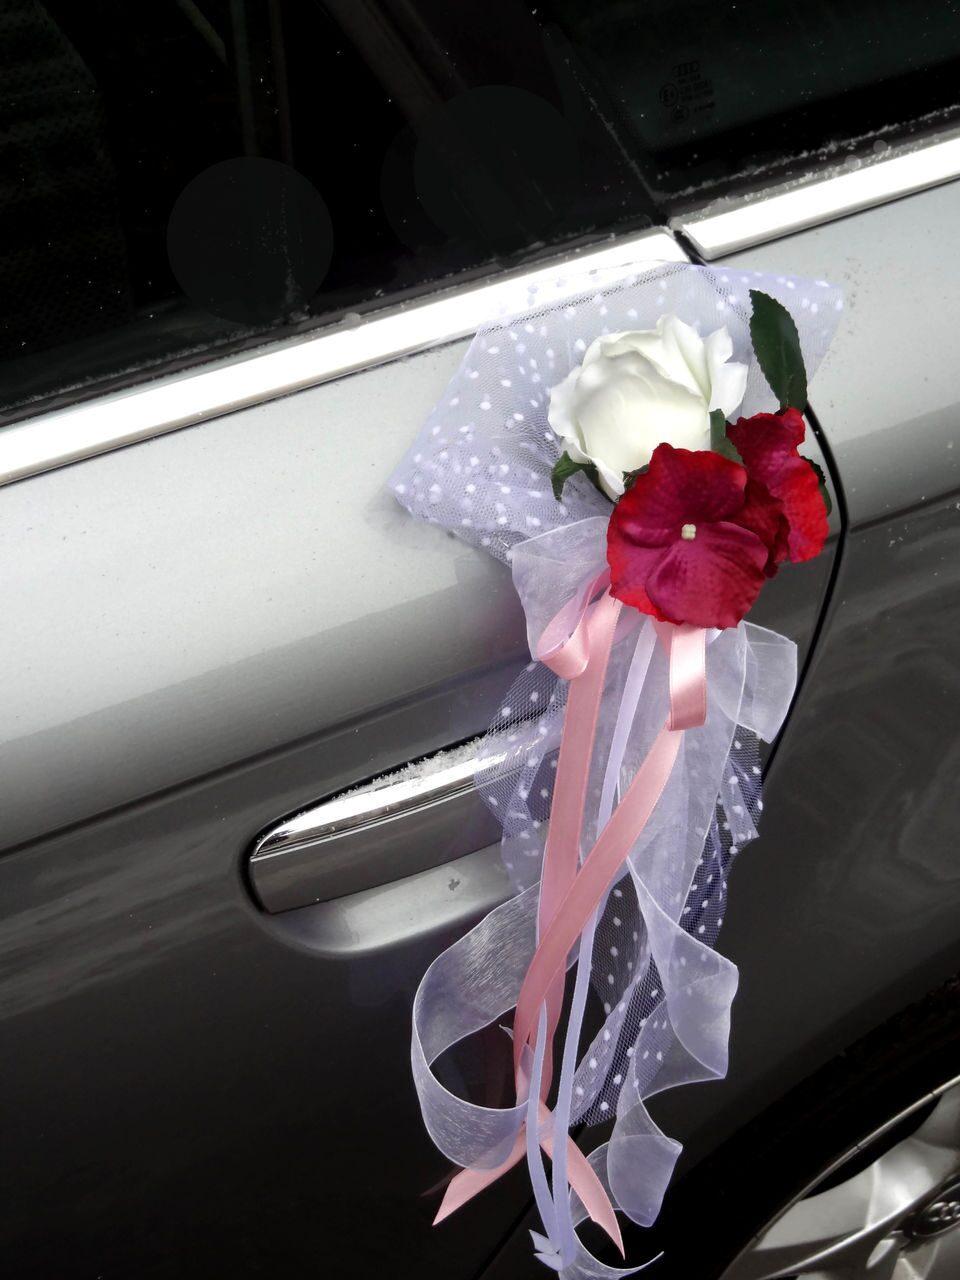 Как сделать цветы на зеркало свадебной машины